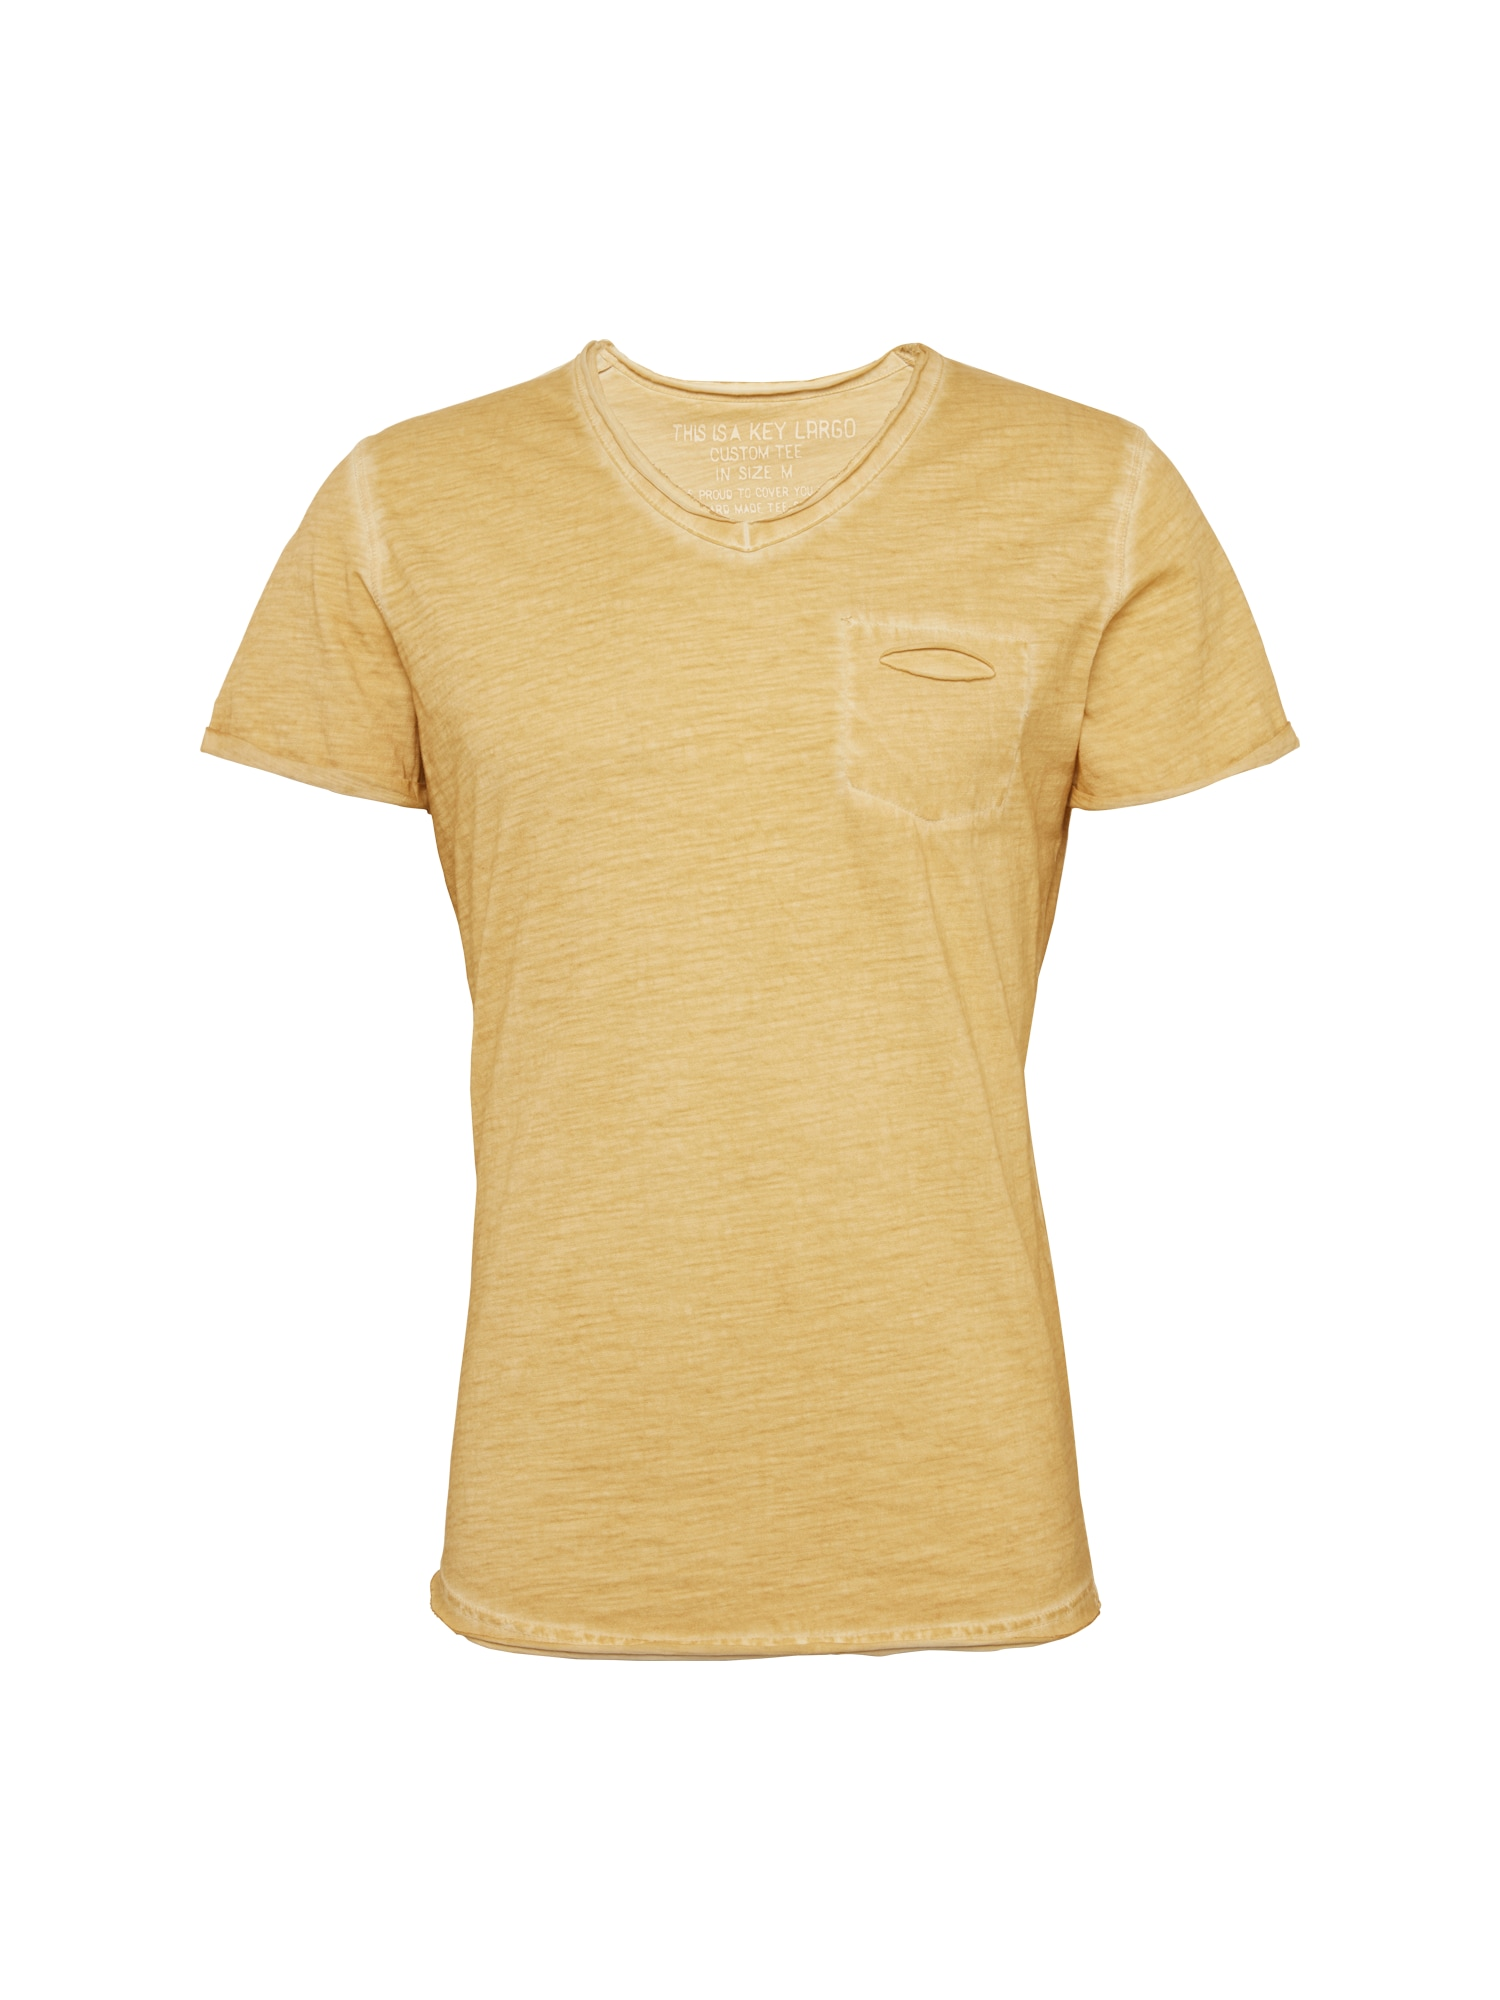 Tričko Soda žlutá Key Largo